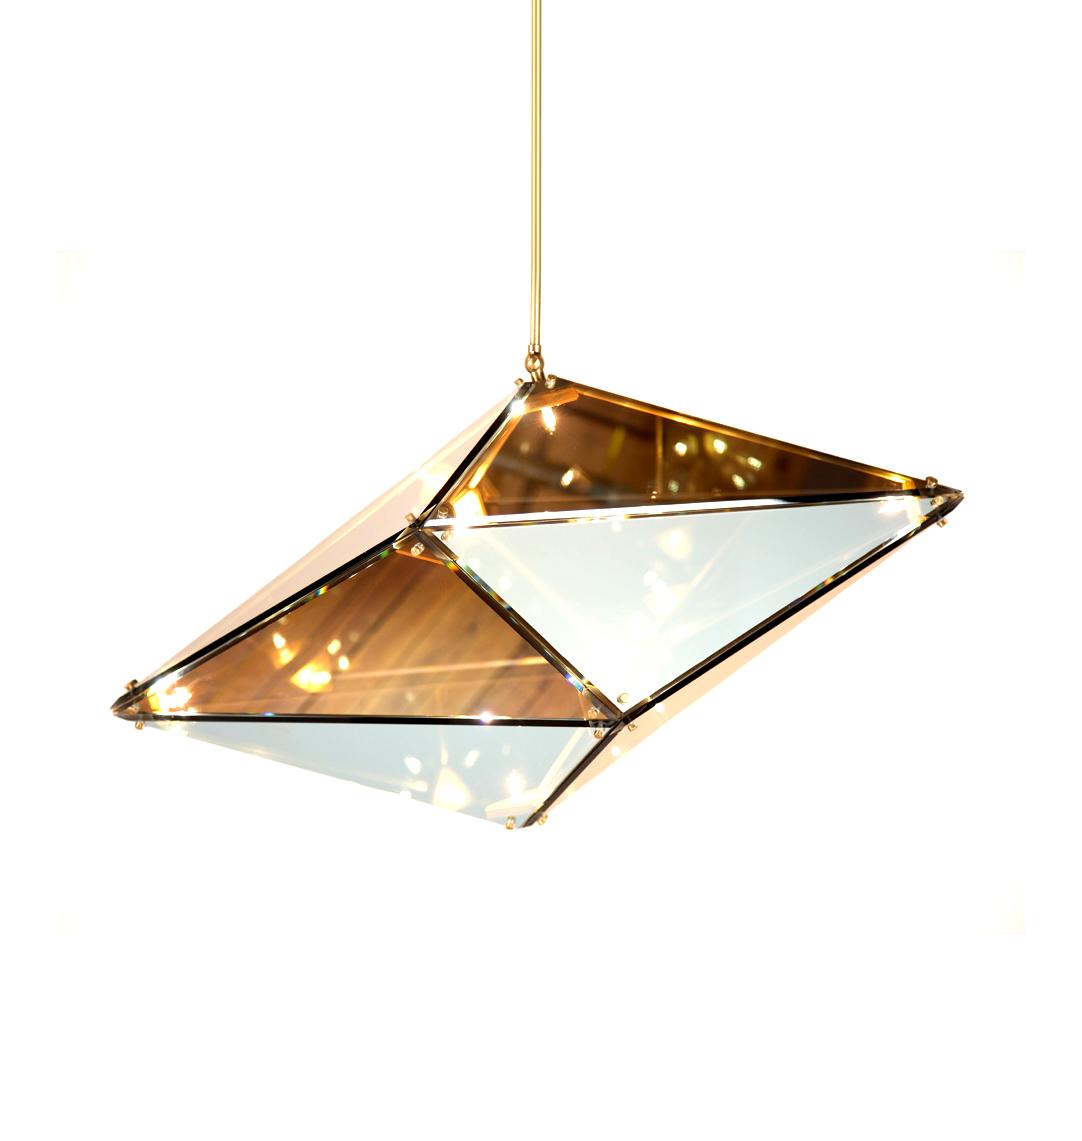 Подвесной светильник копия Maxhedron Horizontal by Bec Brittain (янтарный)